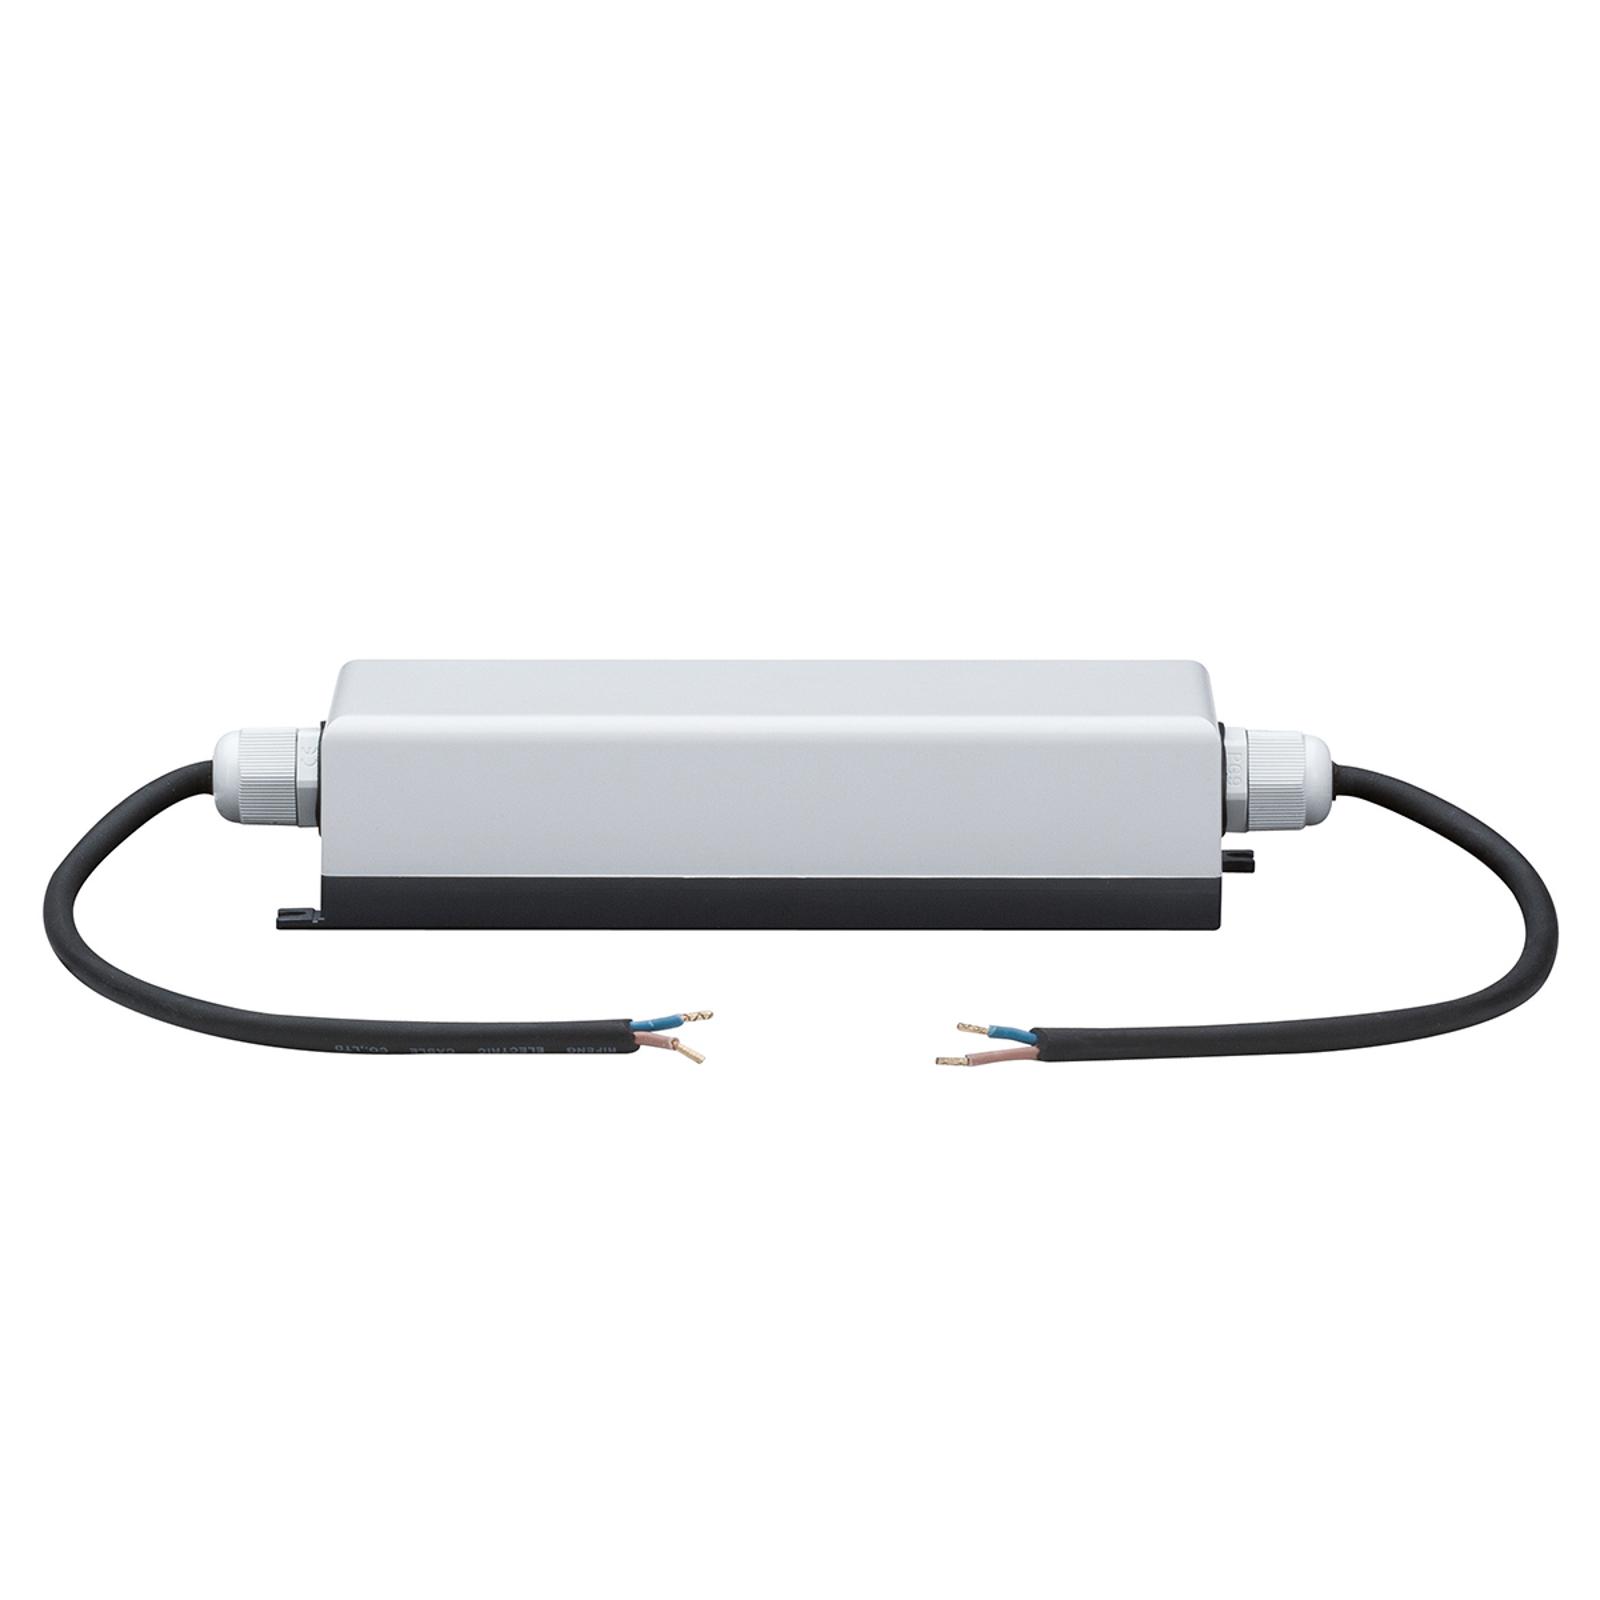 Dove acquistare Power Supply 60 W per strip YourLED